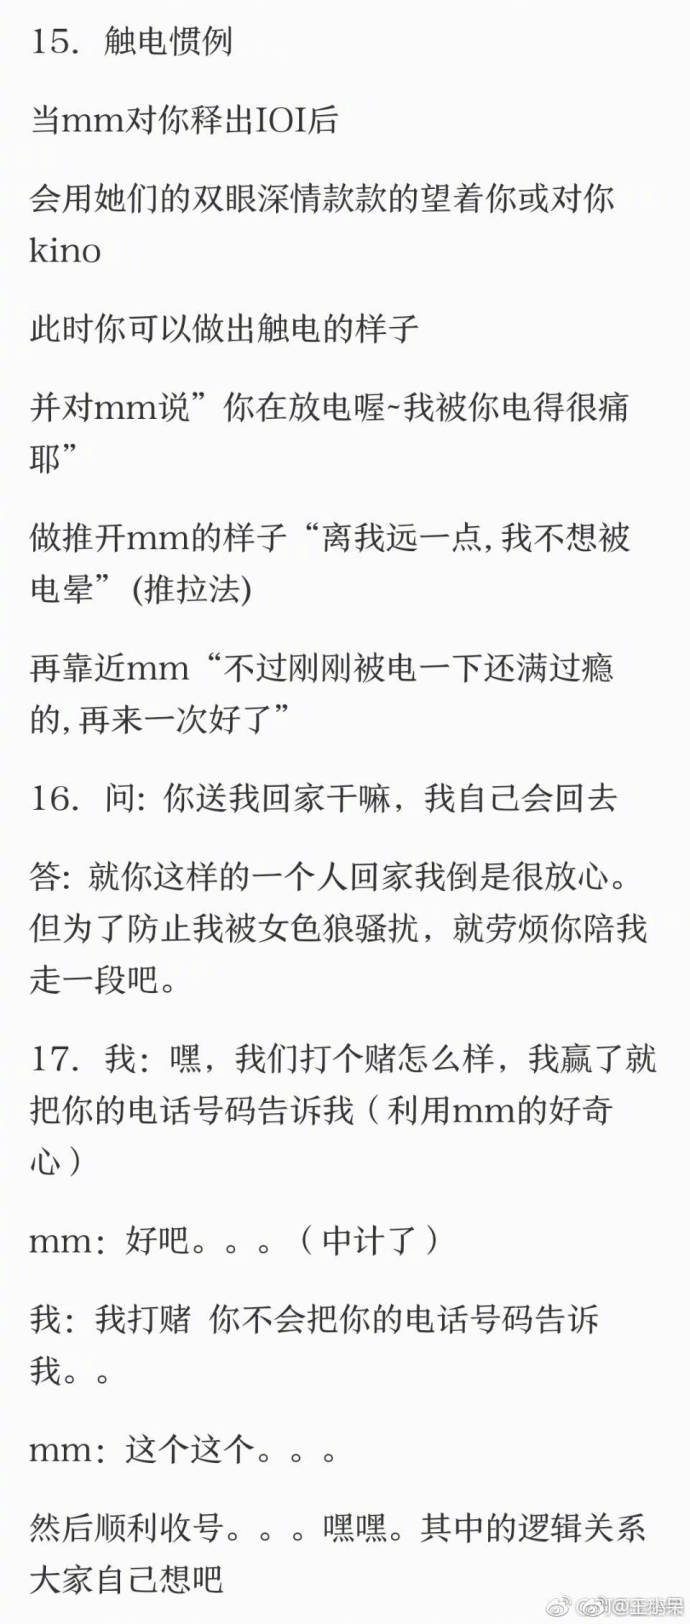 囧哥:别急着受薛之谦影响撩前任 网友称他离婚为买房图片